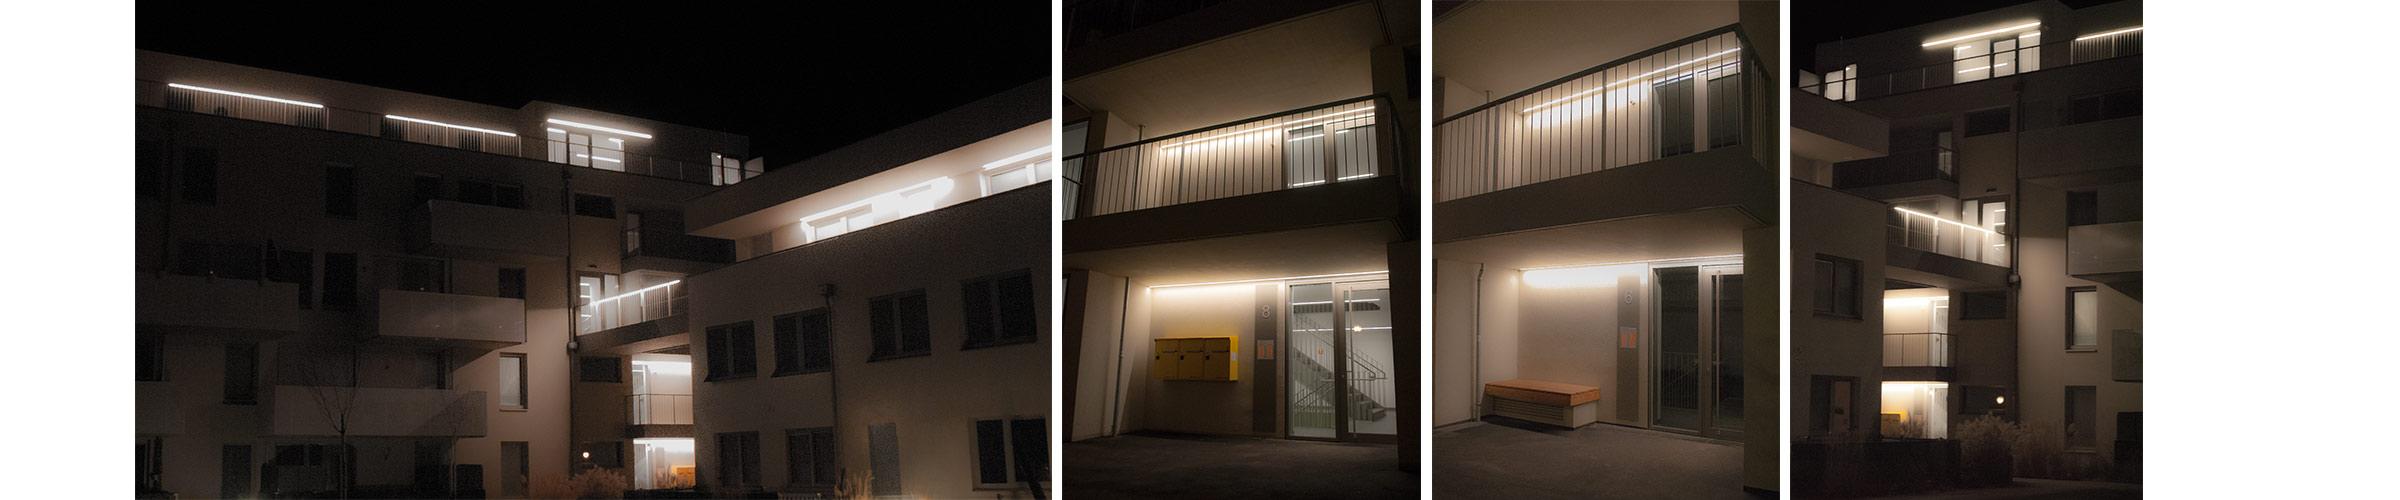 Wohnhausanlage mit SML LED Produkten